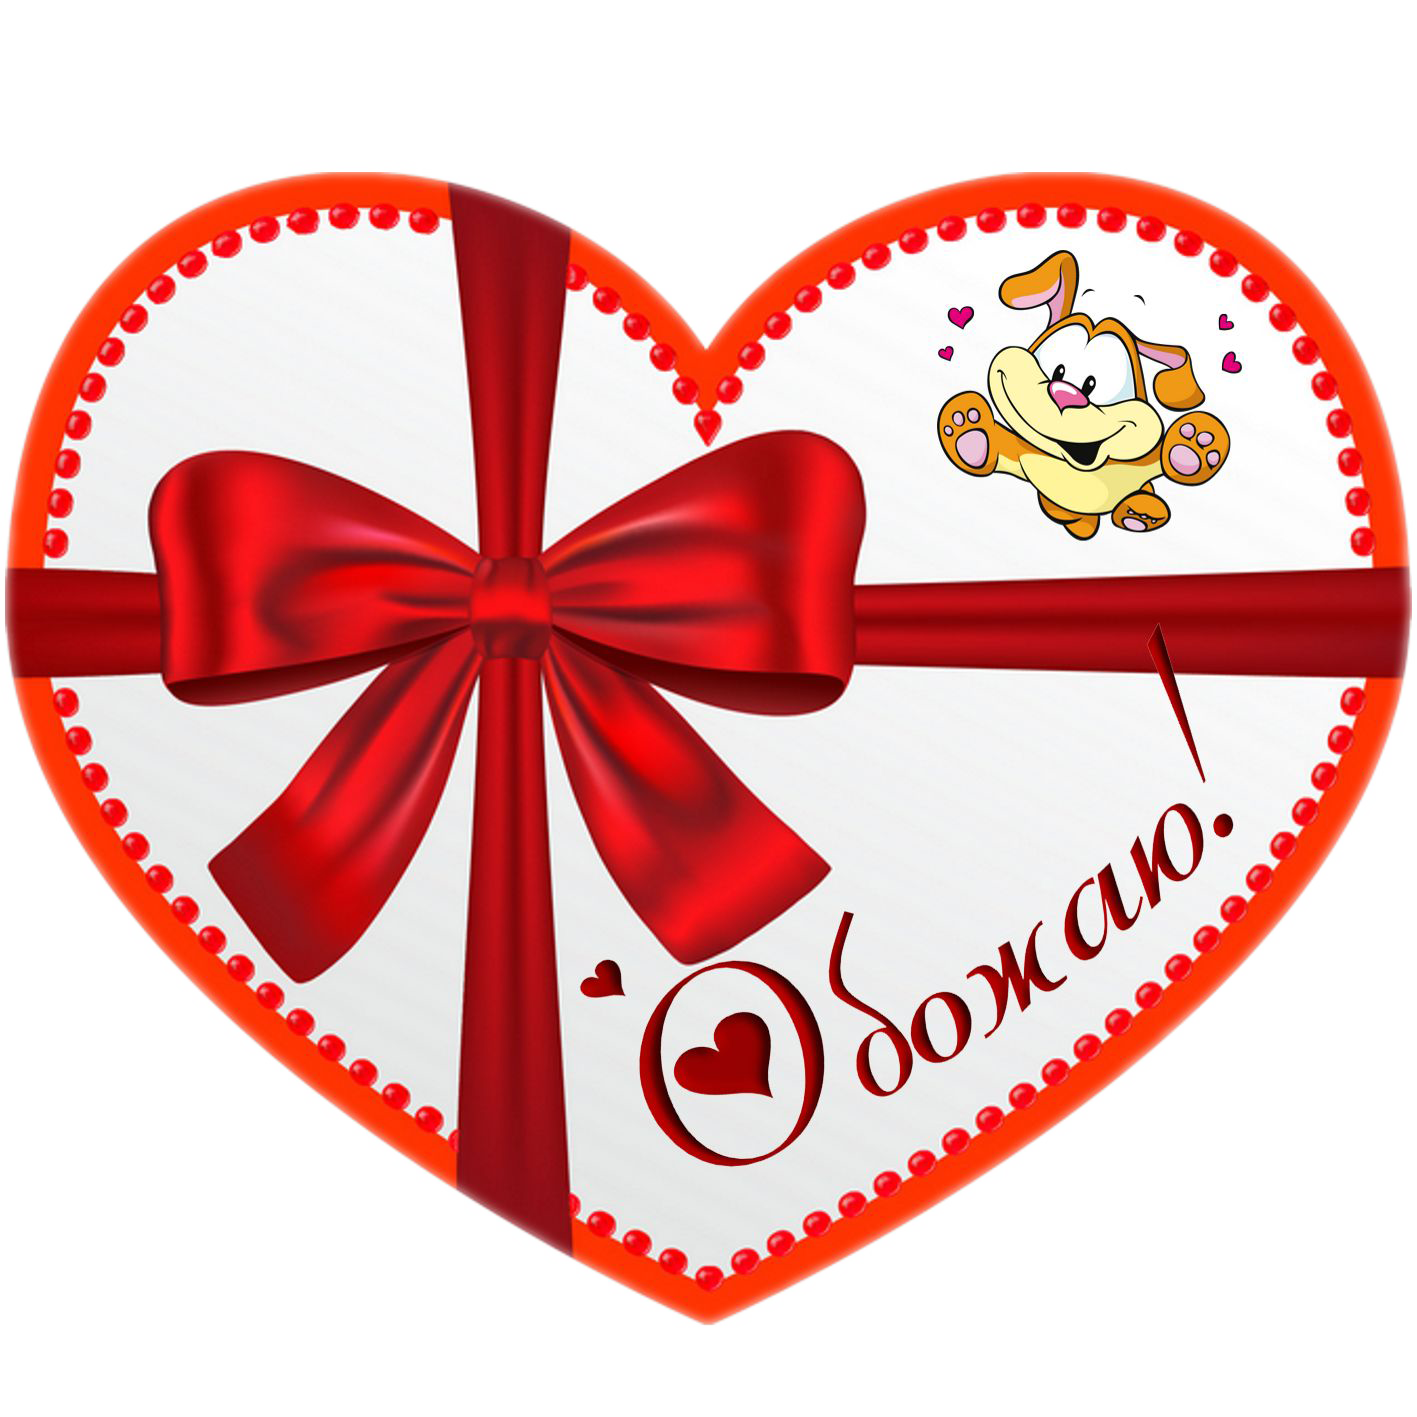 Валентинка - обожаемое сердечко в красной ленточке